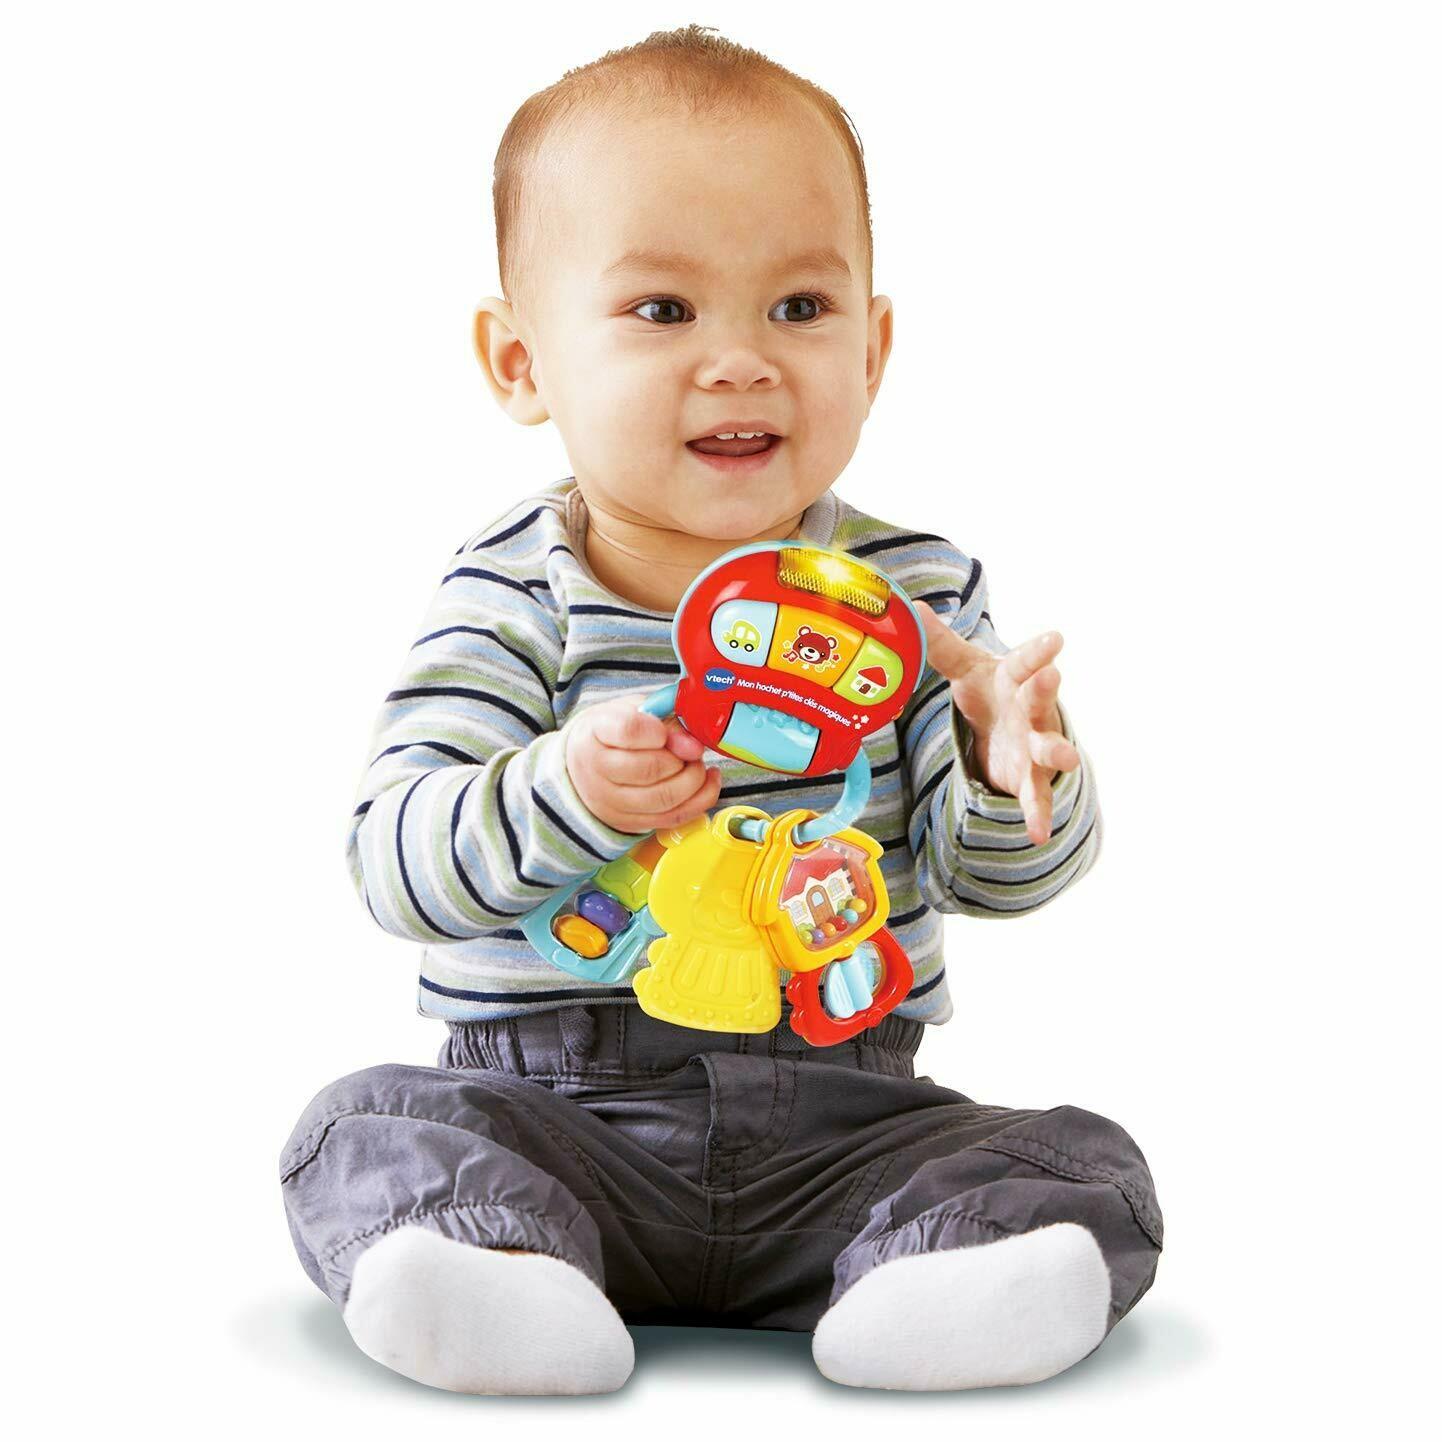 VTech- Llavero Baby Keys Sonajero electronico interactivo con voz y luces